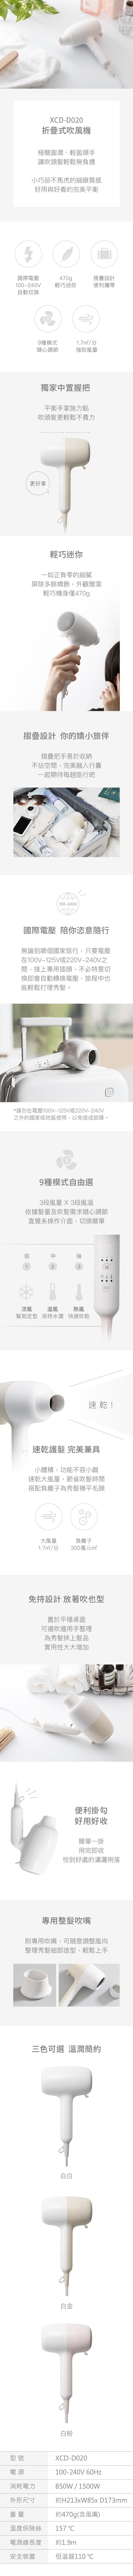 【振興五件組】XQH-C030空氣清淨機+咖啡機+掛燙機+計算機+吹風機